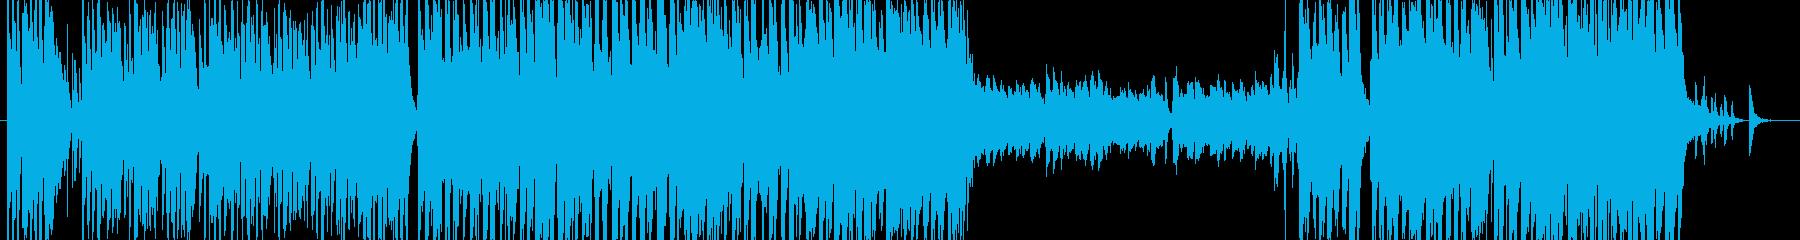 トランペットメインの軽快スウィングジャズの再生済みの波形